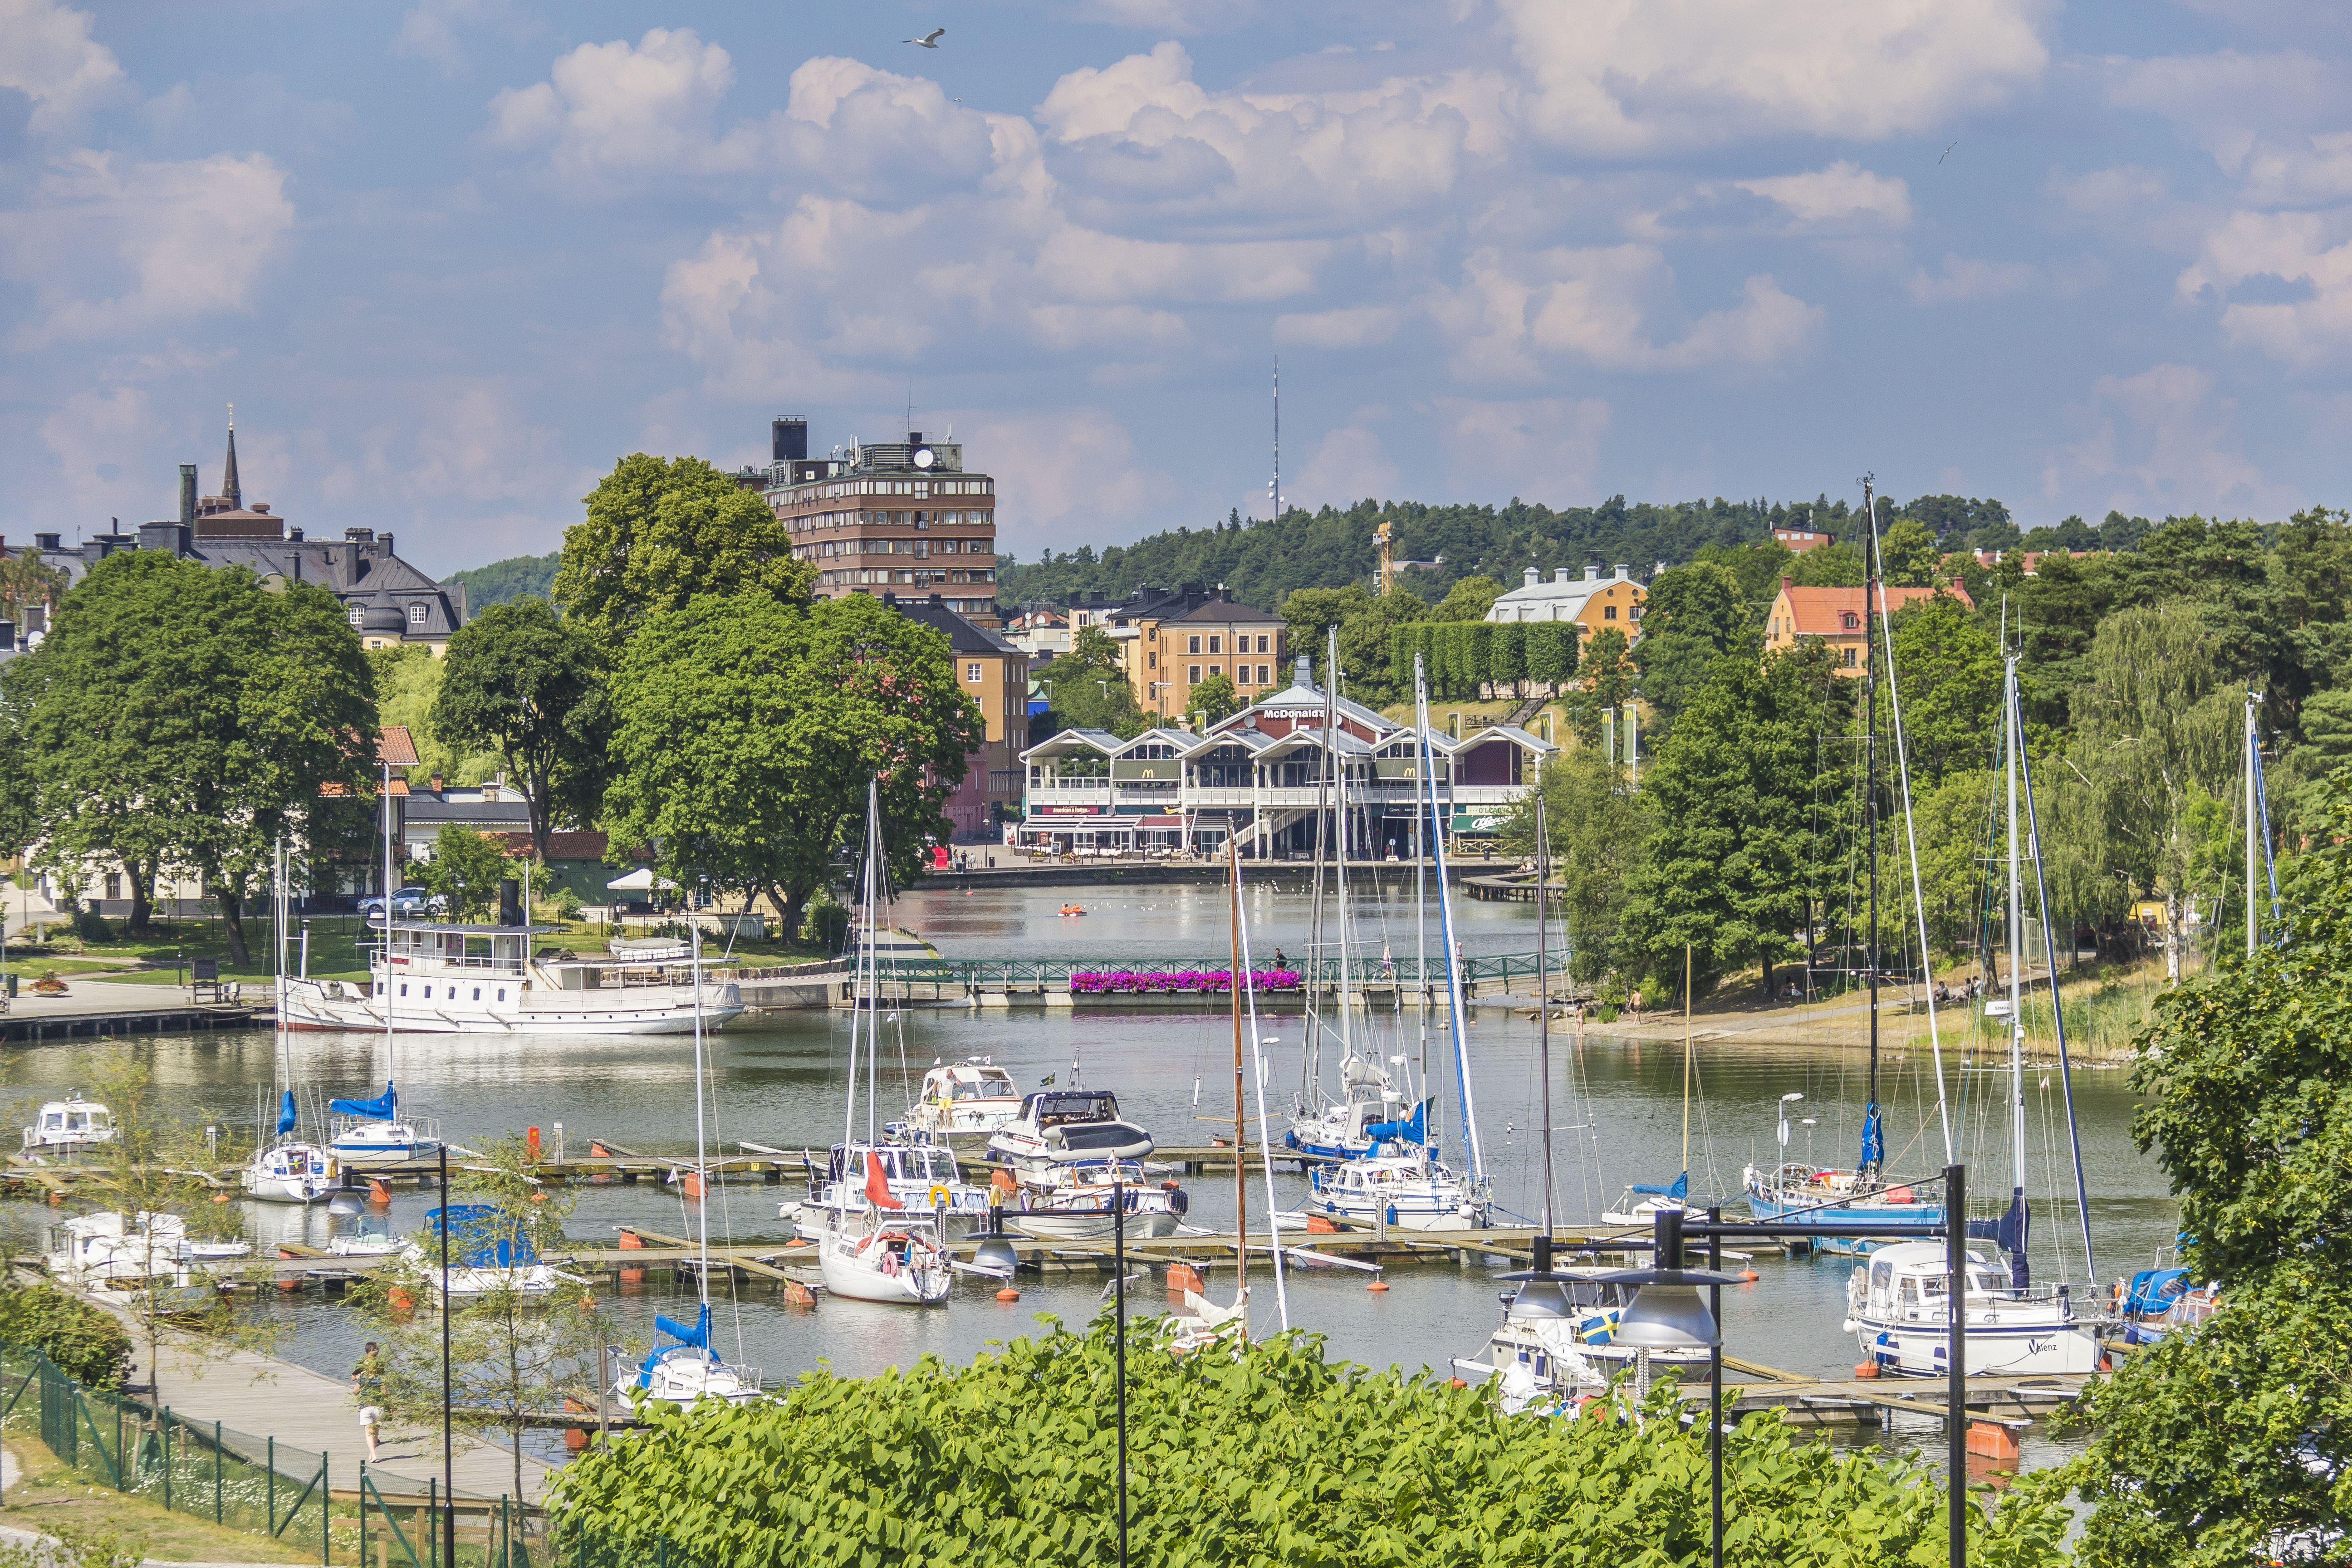 Södertäljevandringar 2019 - Liljevalchs, Saltskogs Gård